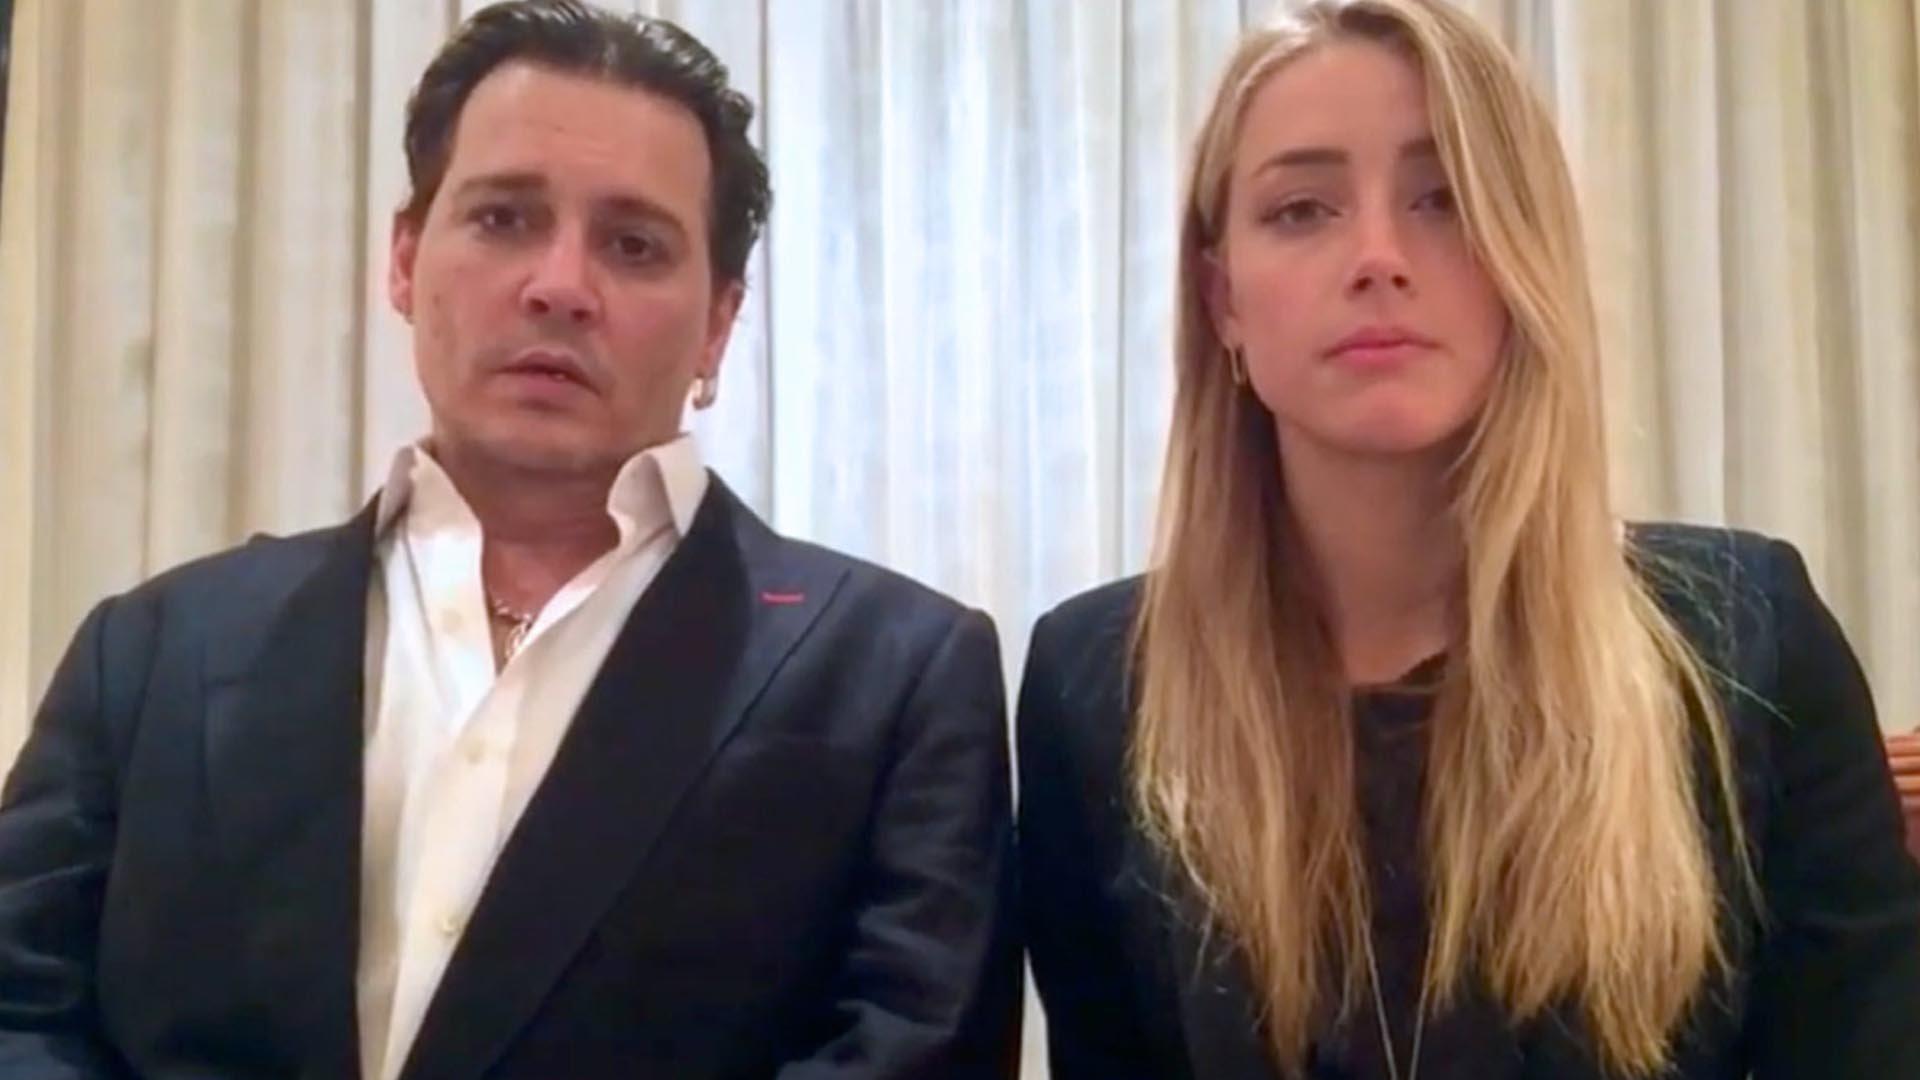 Johnny Depp ed Amber Heard hanno divorziato